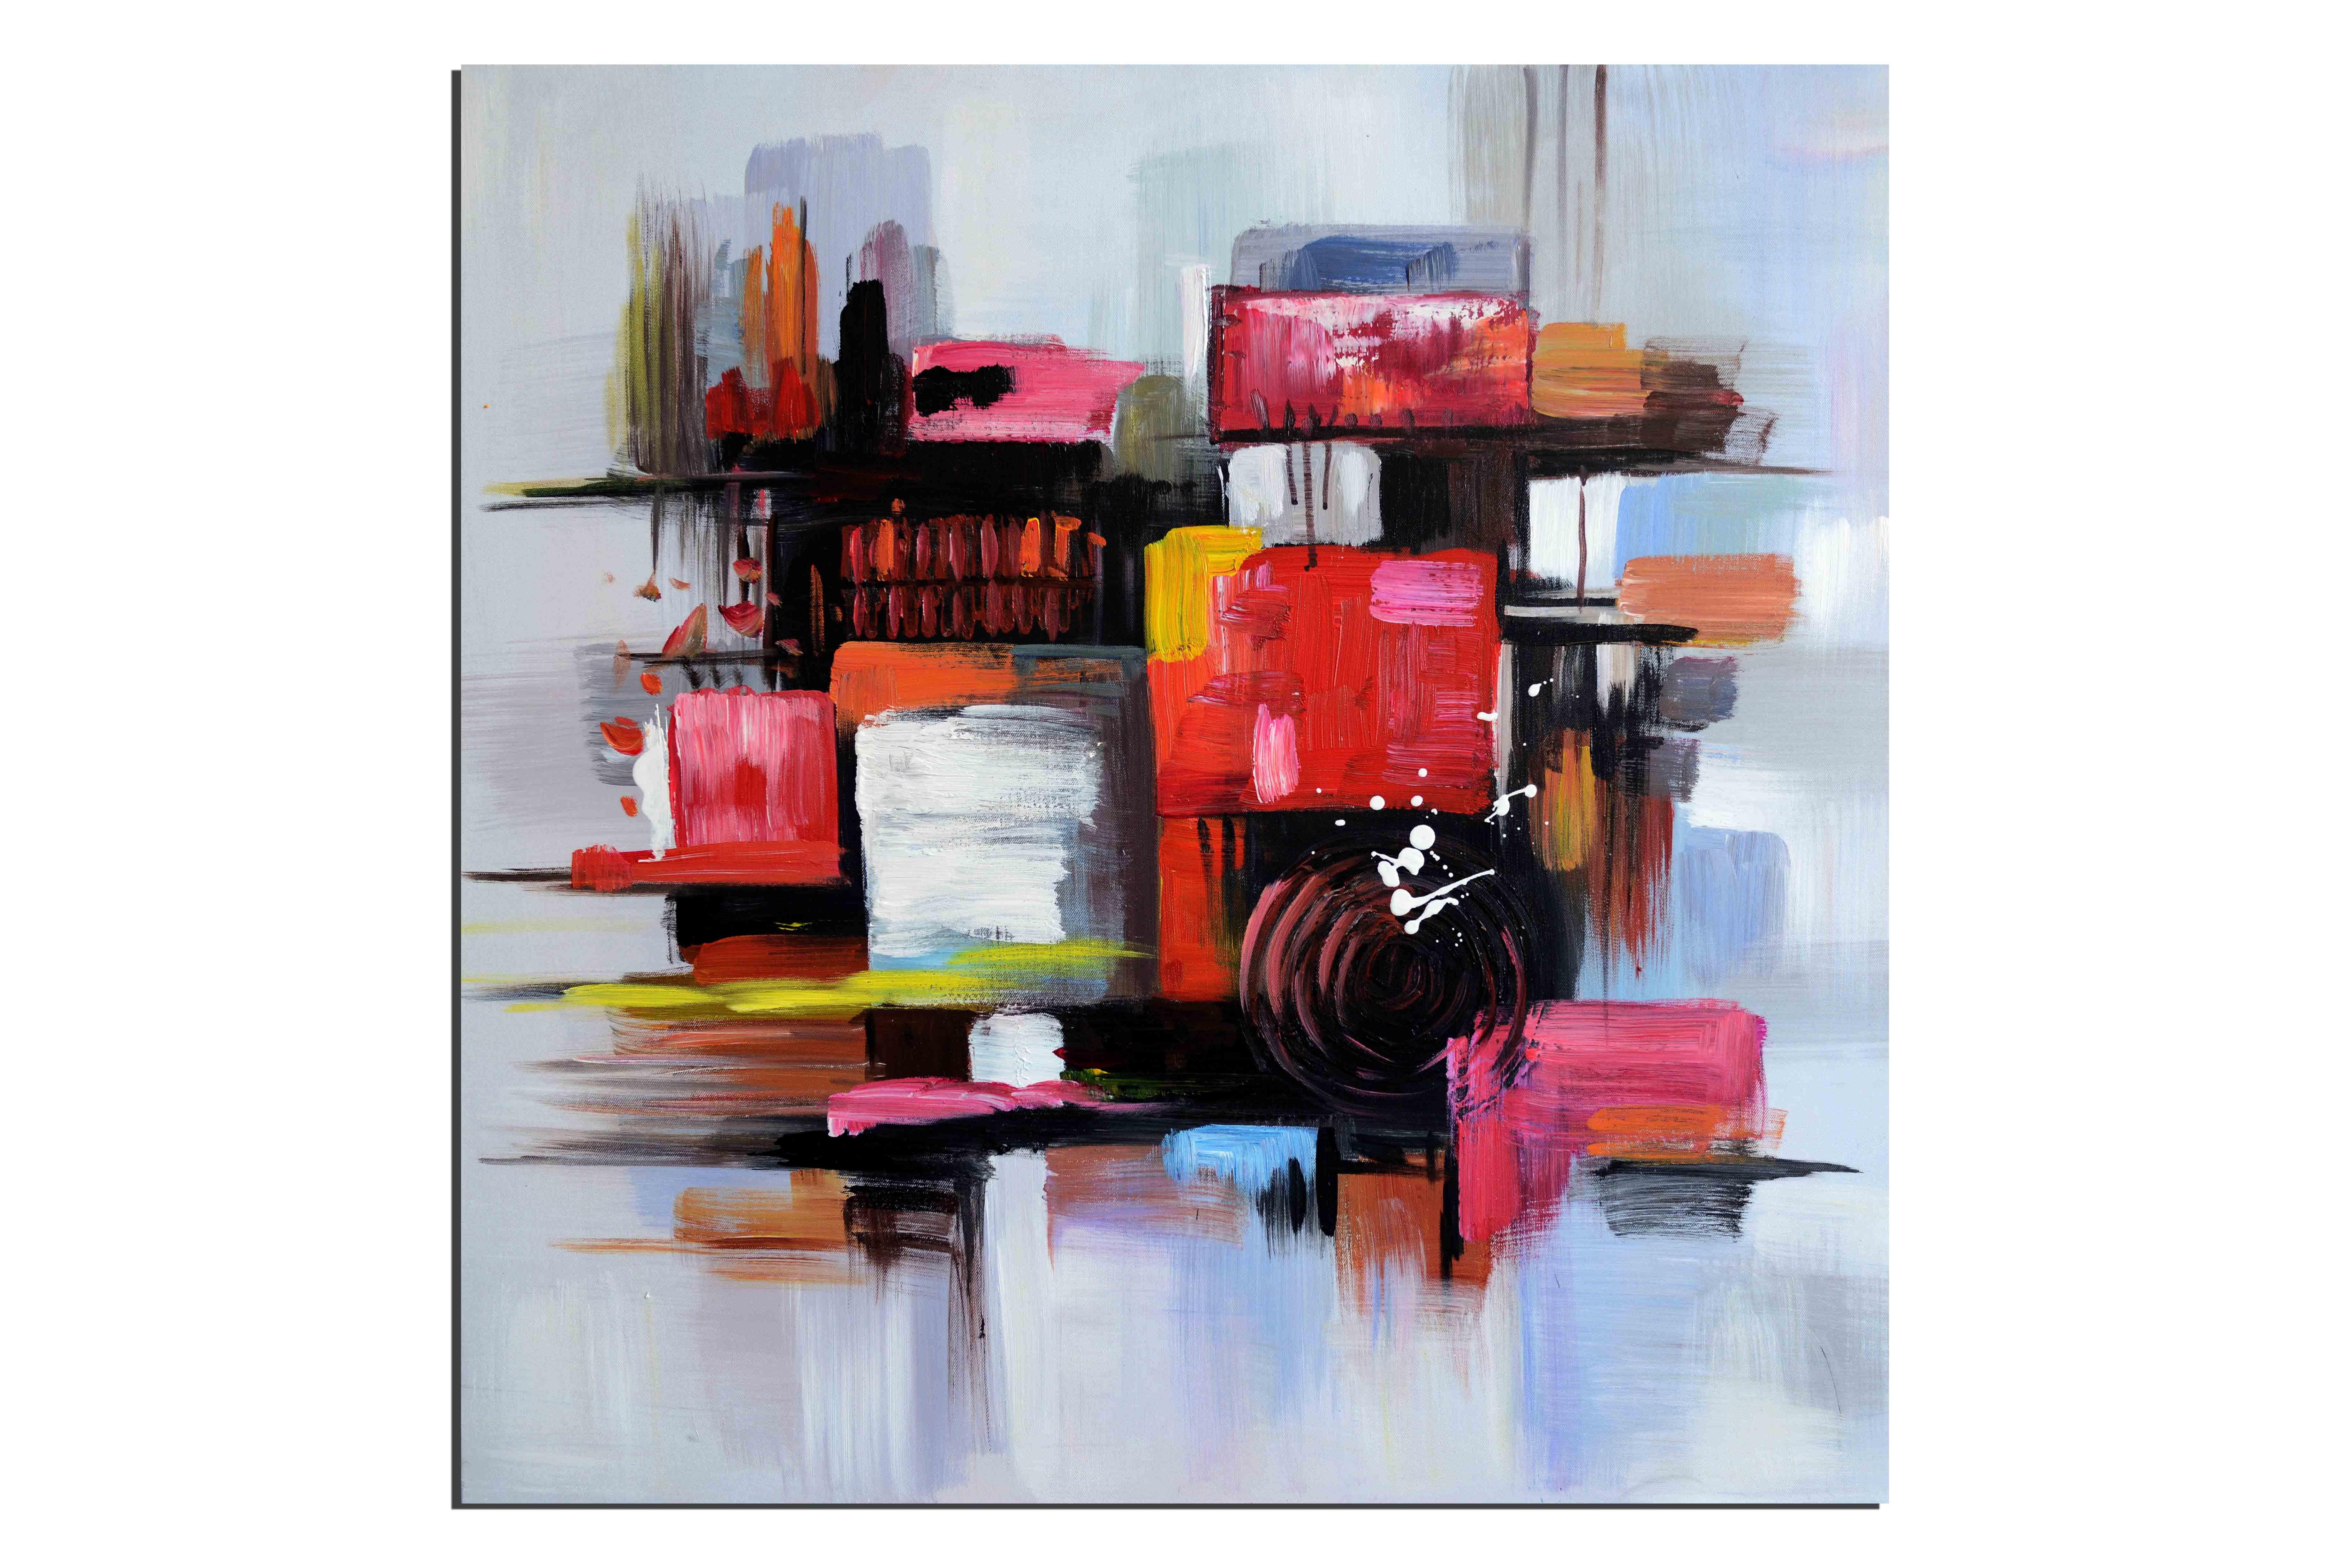 tableaux abstrait peinture sur toile contemporaine. Black Bedroom Furniture Sets. Home Design Ideas